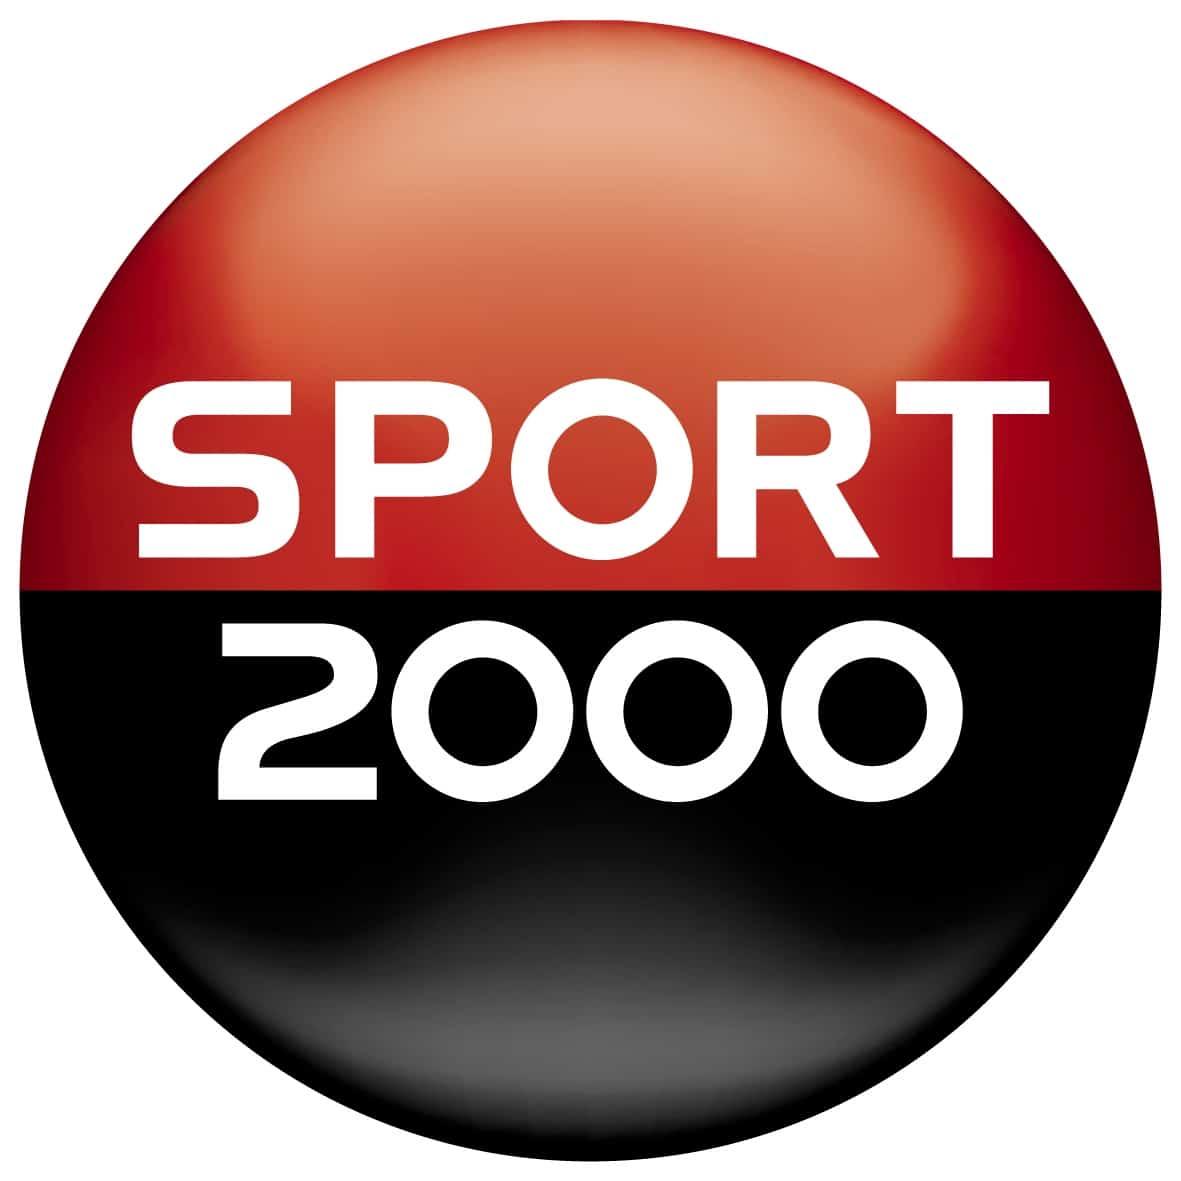 680ac8e91c4 logo-sport-2000 Mondovélo Gisors ...